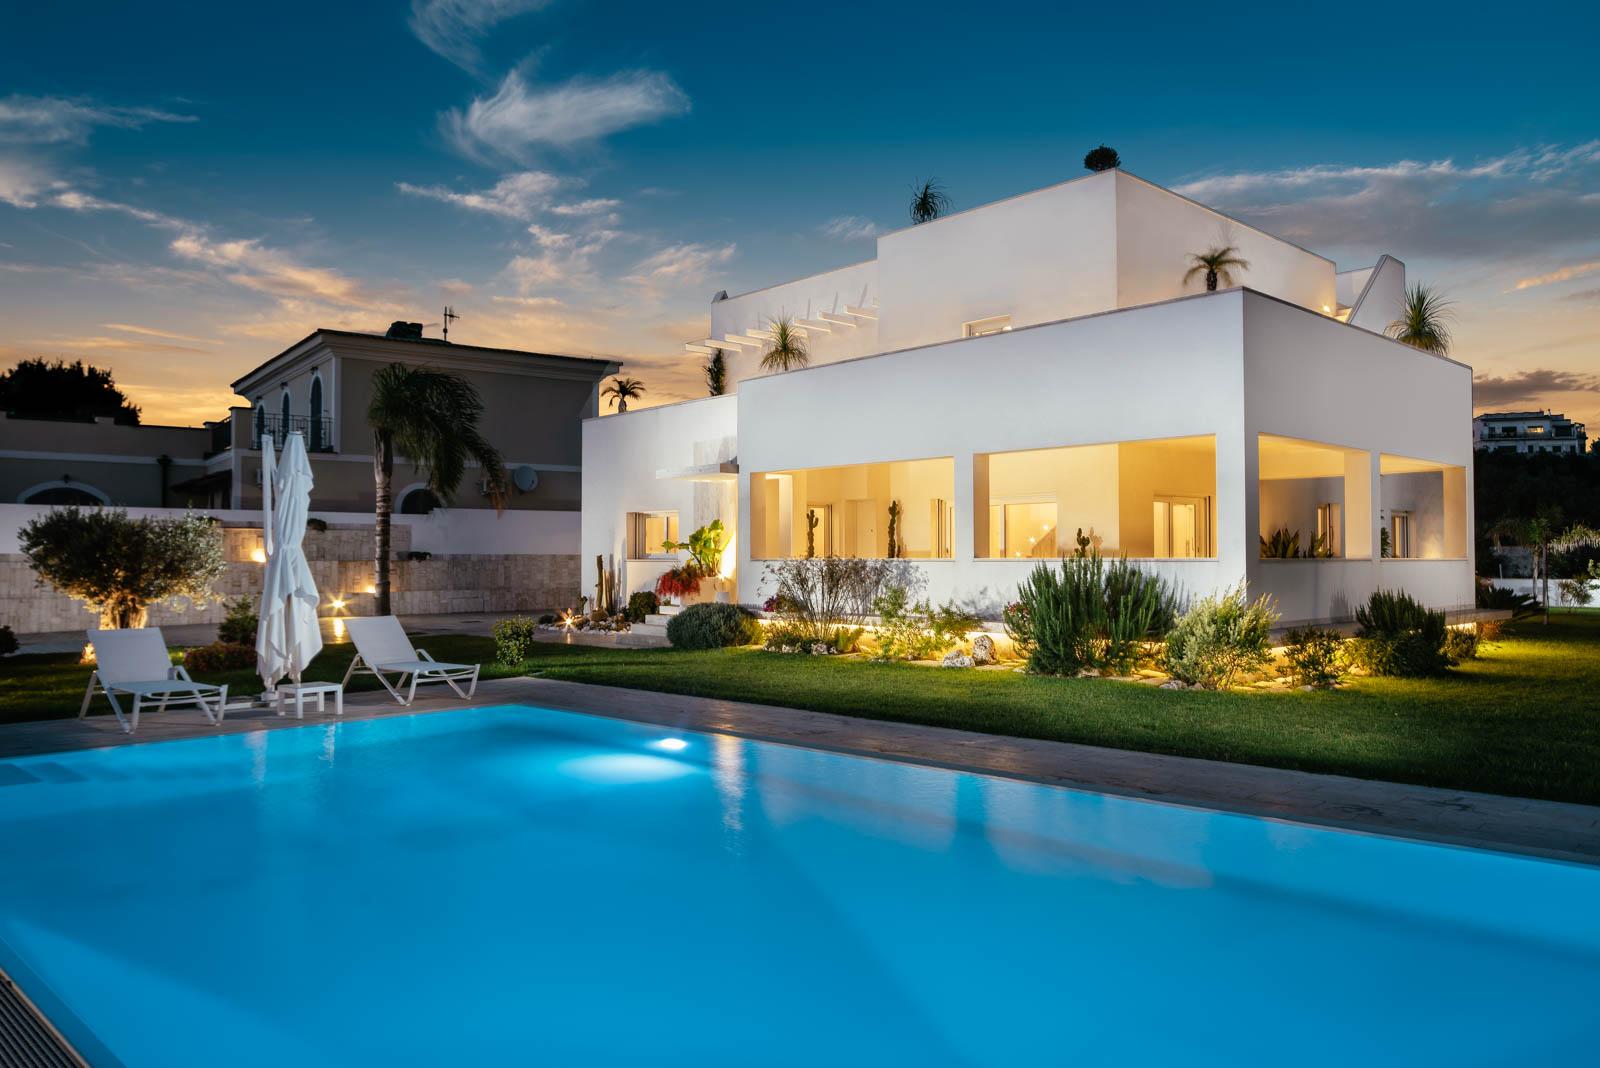 villa Passariello, progetto architettonico villa a Monte di Procida